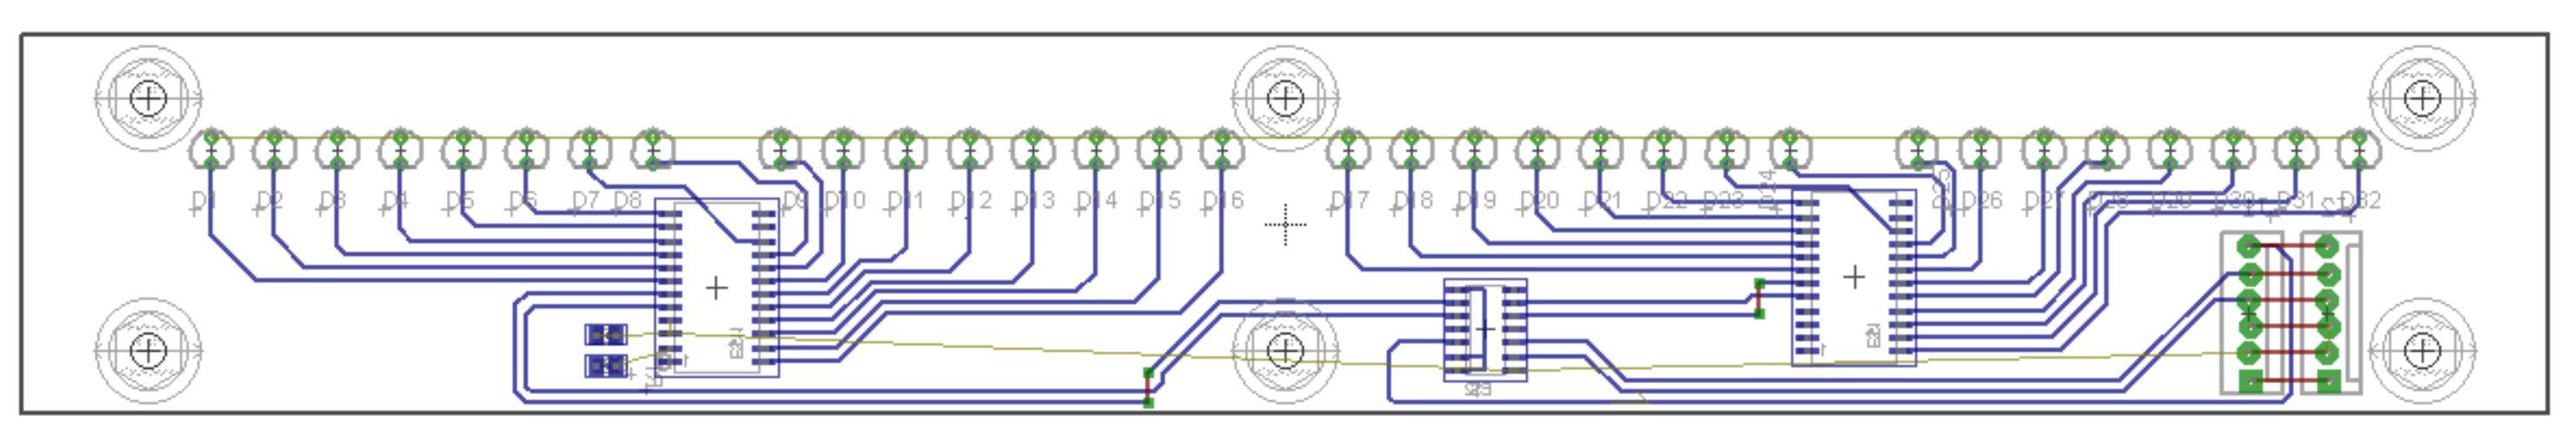 I2C V2.jpg